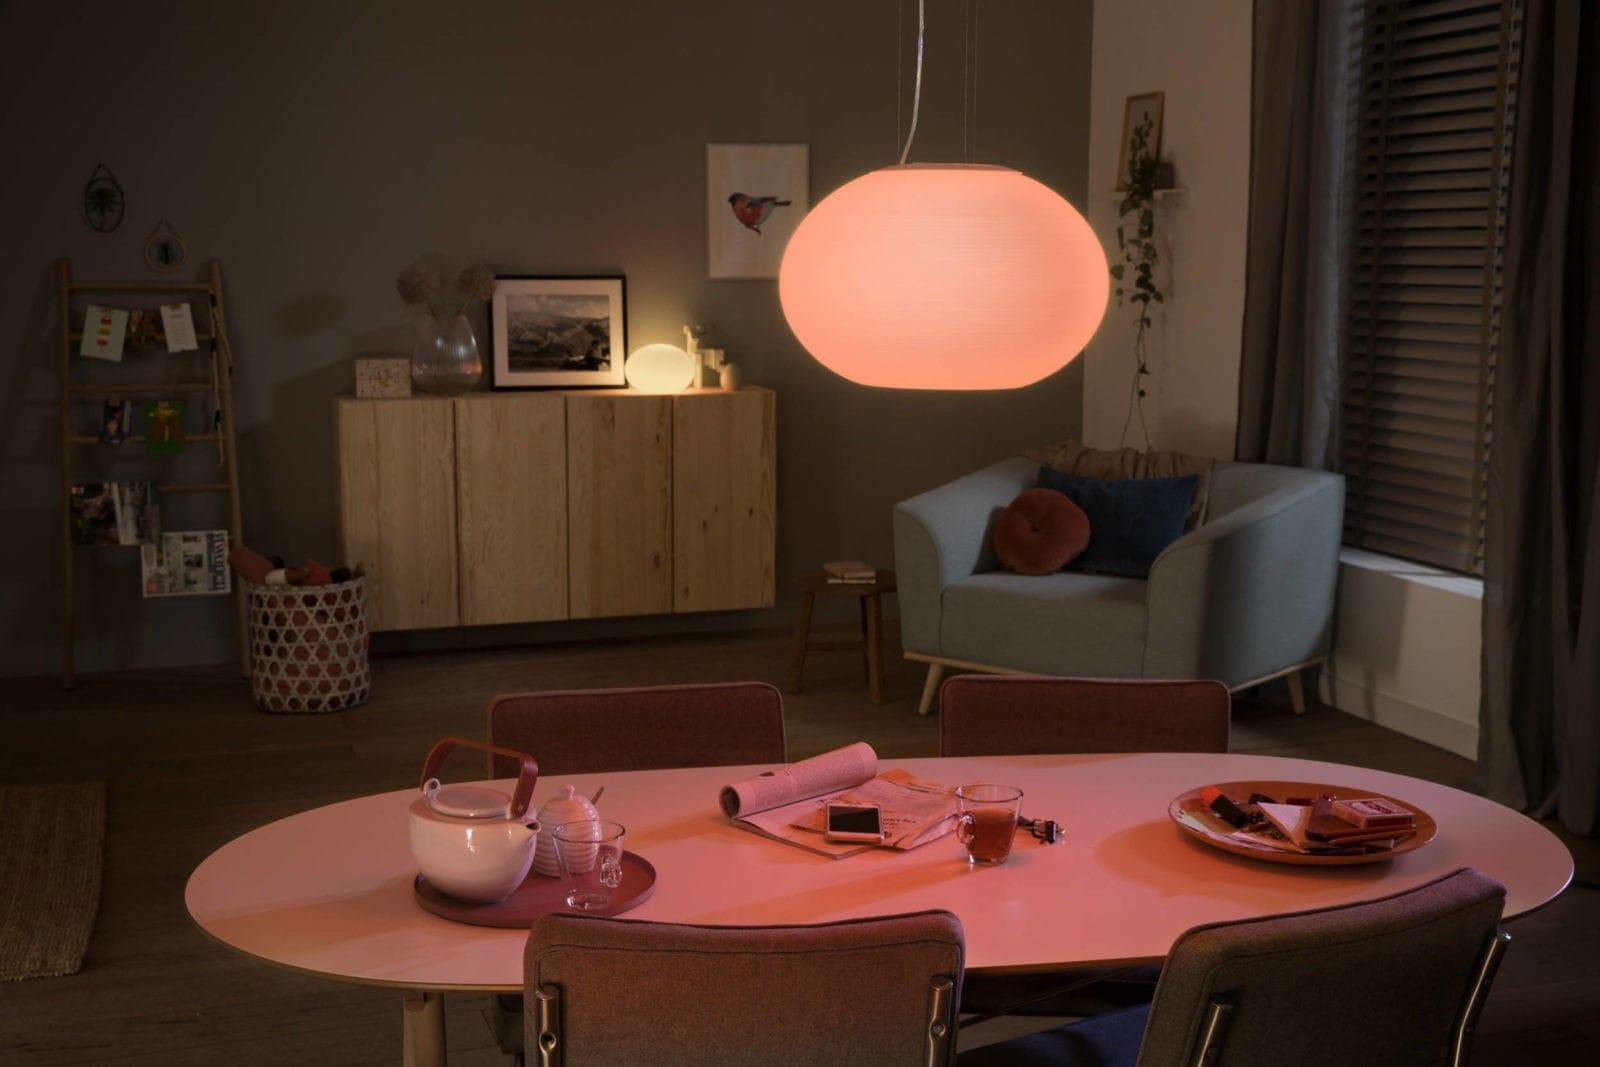 neue produkte von philips hue ab sofort verf gbar. Black Bedroom Furniture Sets. Home Design Ideas